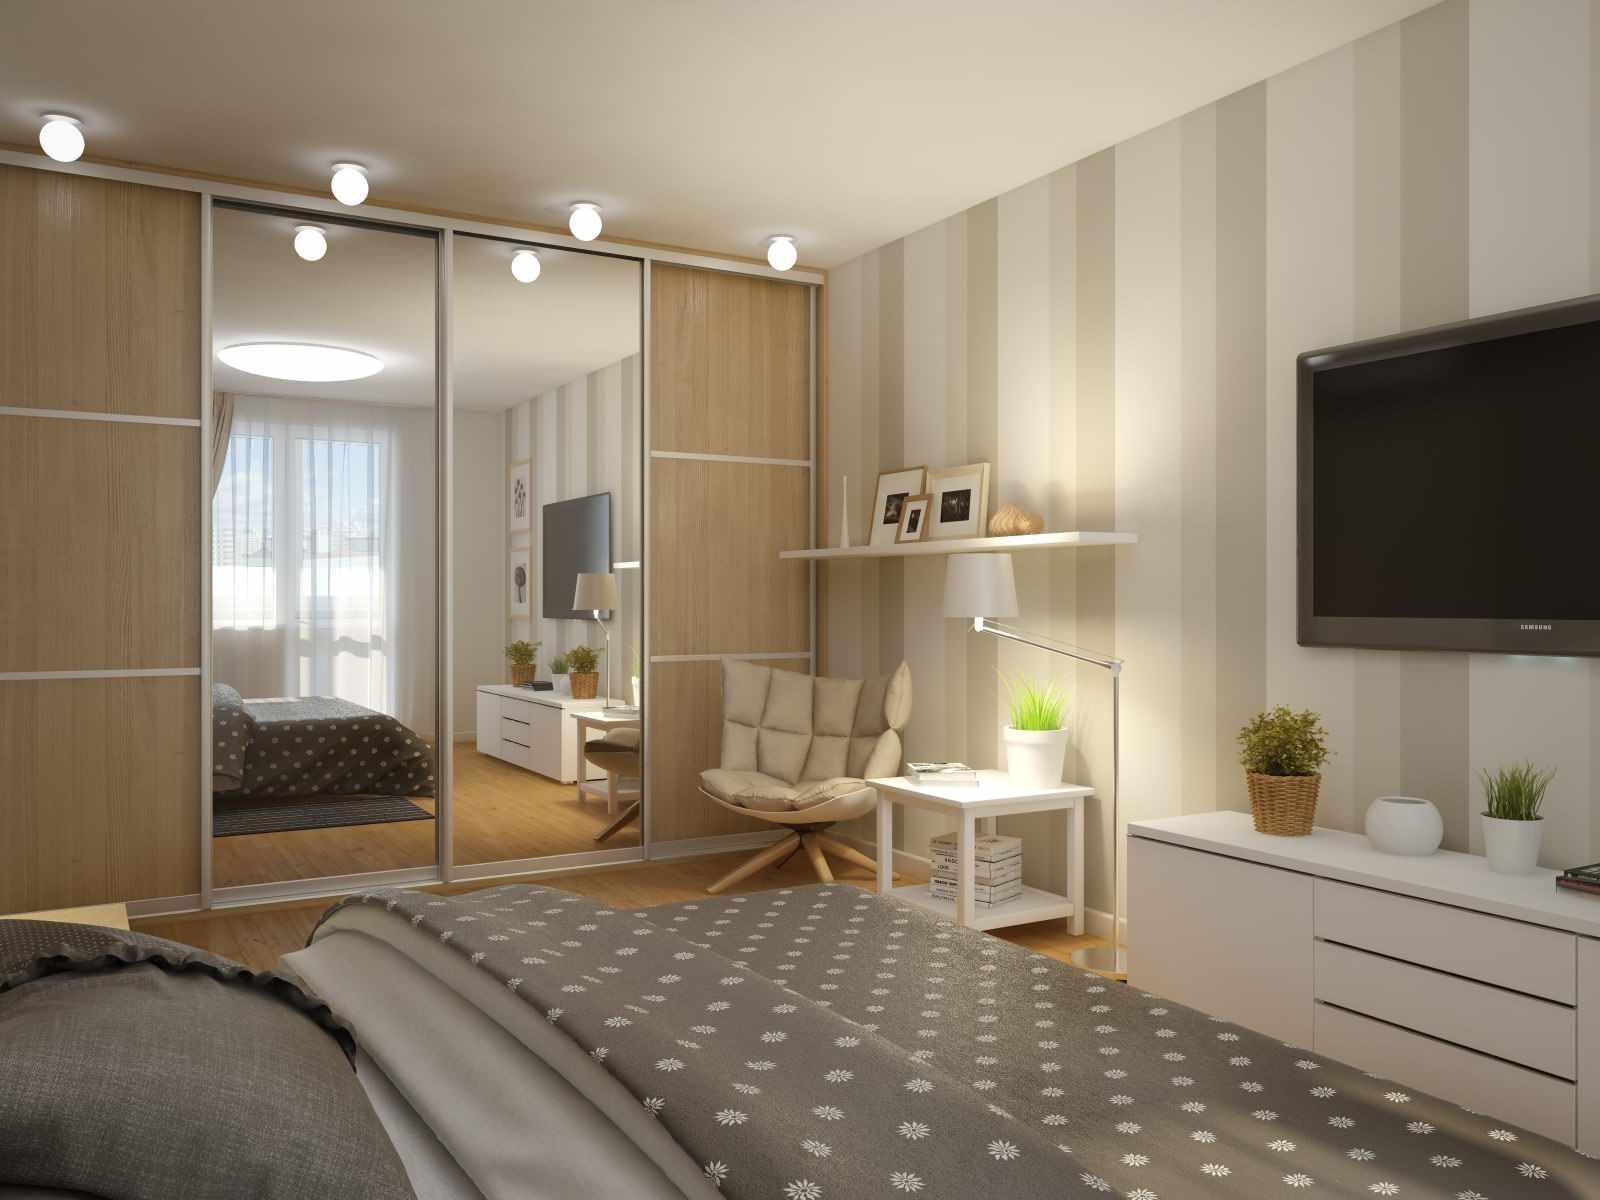 Un exemple d'un intérieur inhabituel d'une chambre étroite